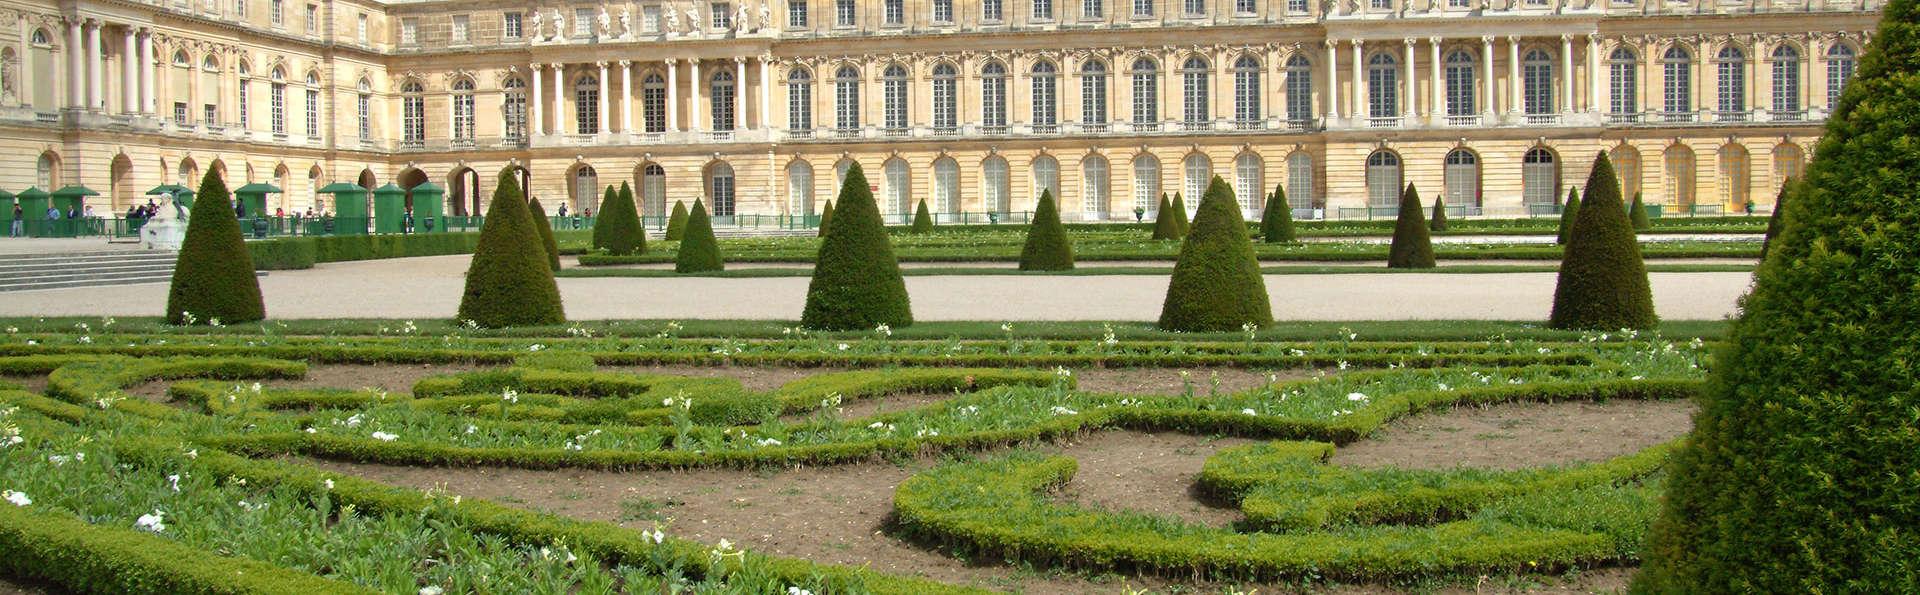 Découverte du Château de Versailles (Pass 1 jour) et séjour dans la capitale